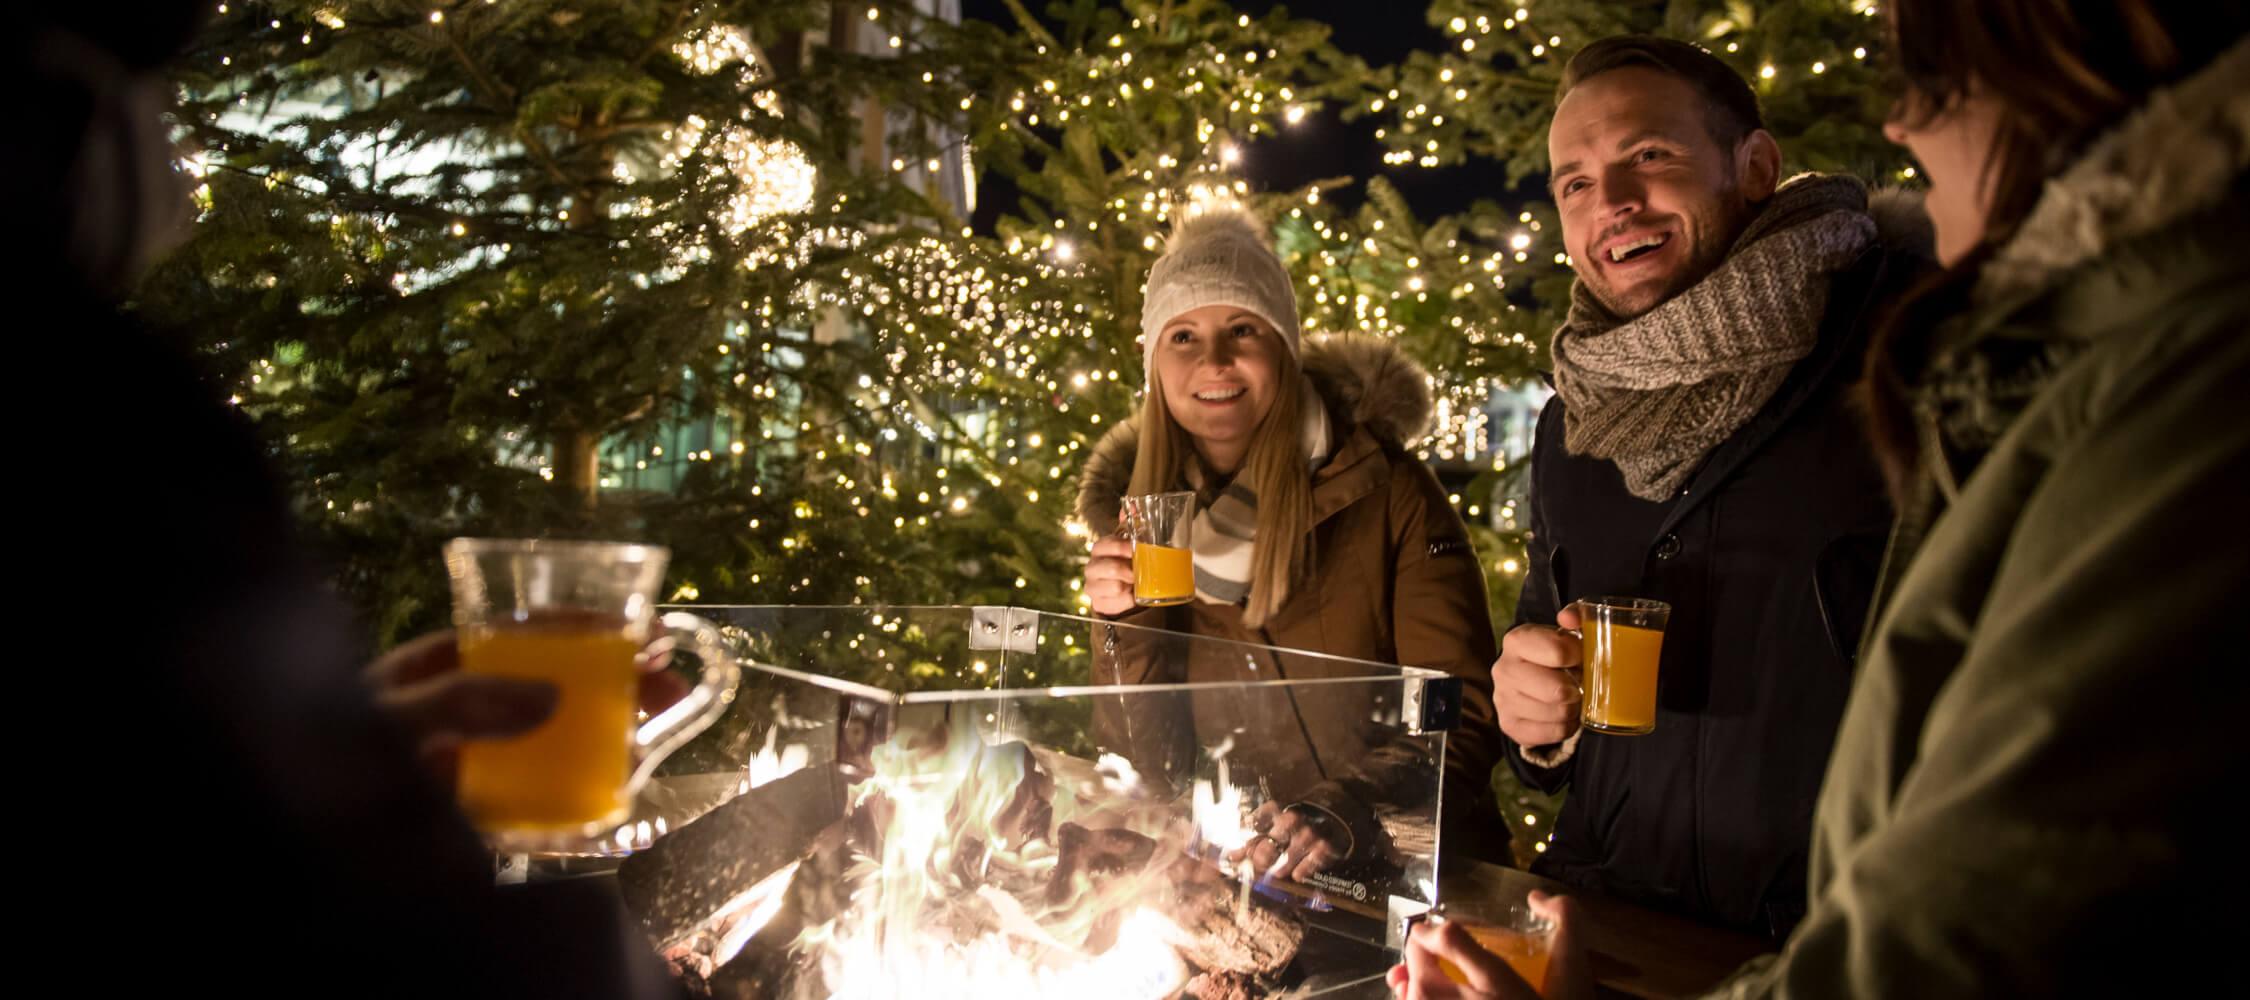 Italien-Trentino_Suedtirol_Alto_Adige_Merano_Meran_Weihnachtsmarkt_Glühwein_Feier_Drinks_Kurverwaltung_DSC2905_Alex_Filz_2250x1000